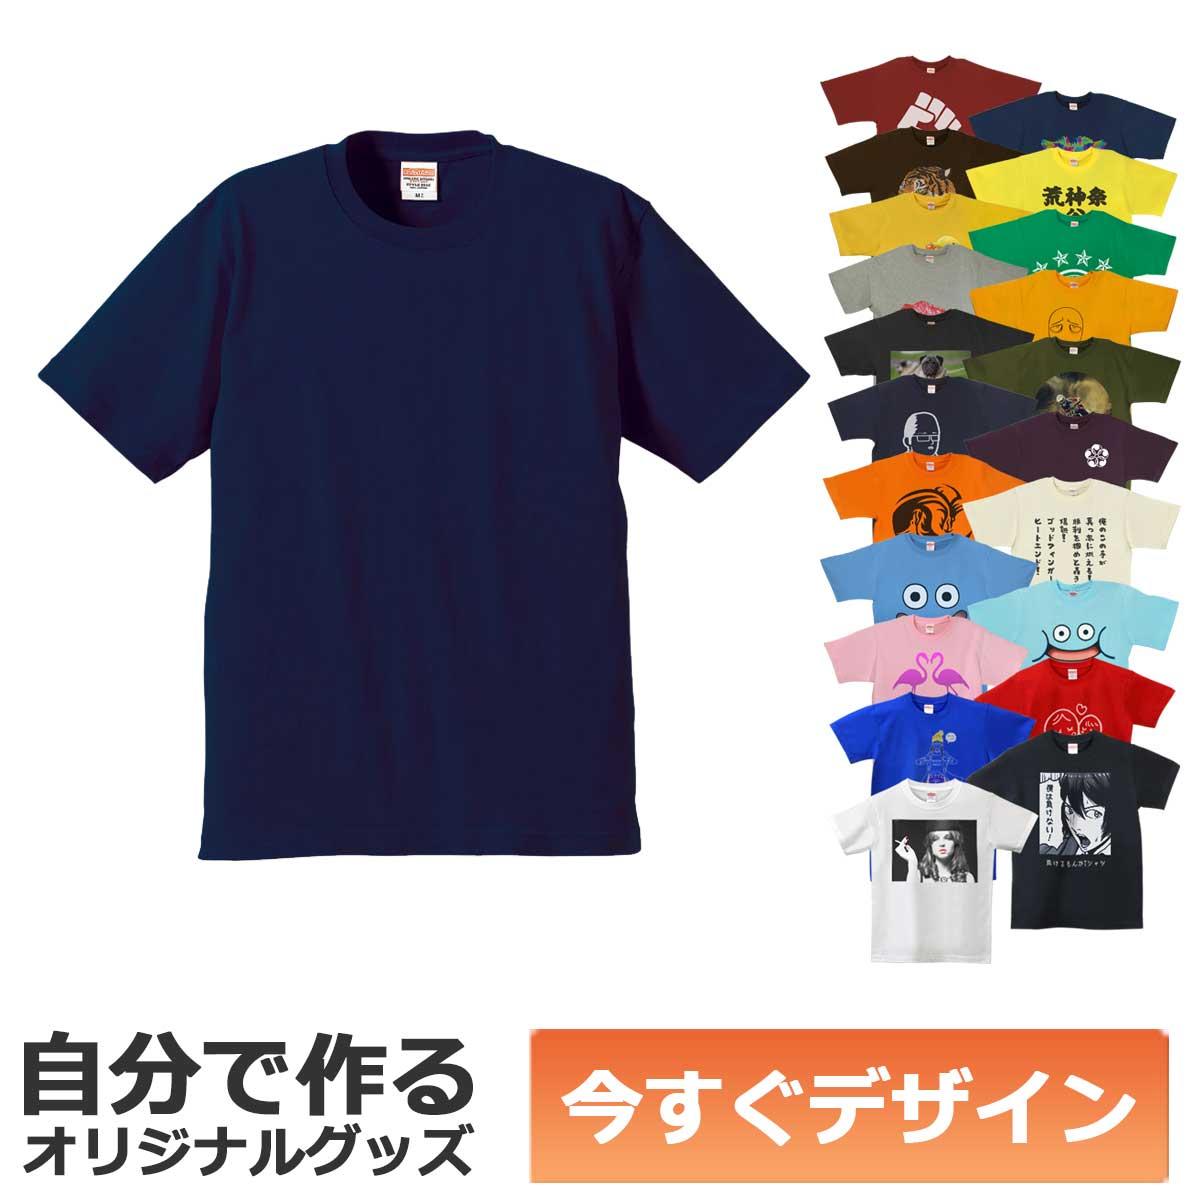 【即納可能】1枚から作れる 自分でデザイン オリジナル Tシャツ ネイビー 6.2oz プレミアム メール便可